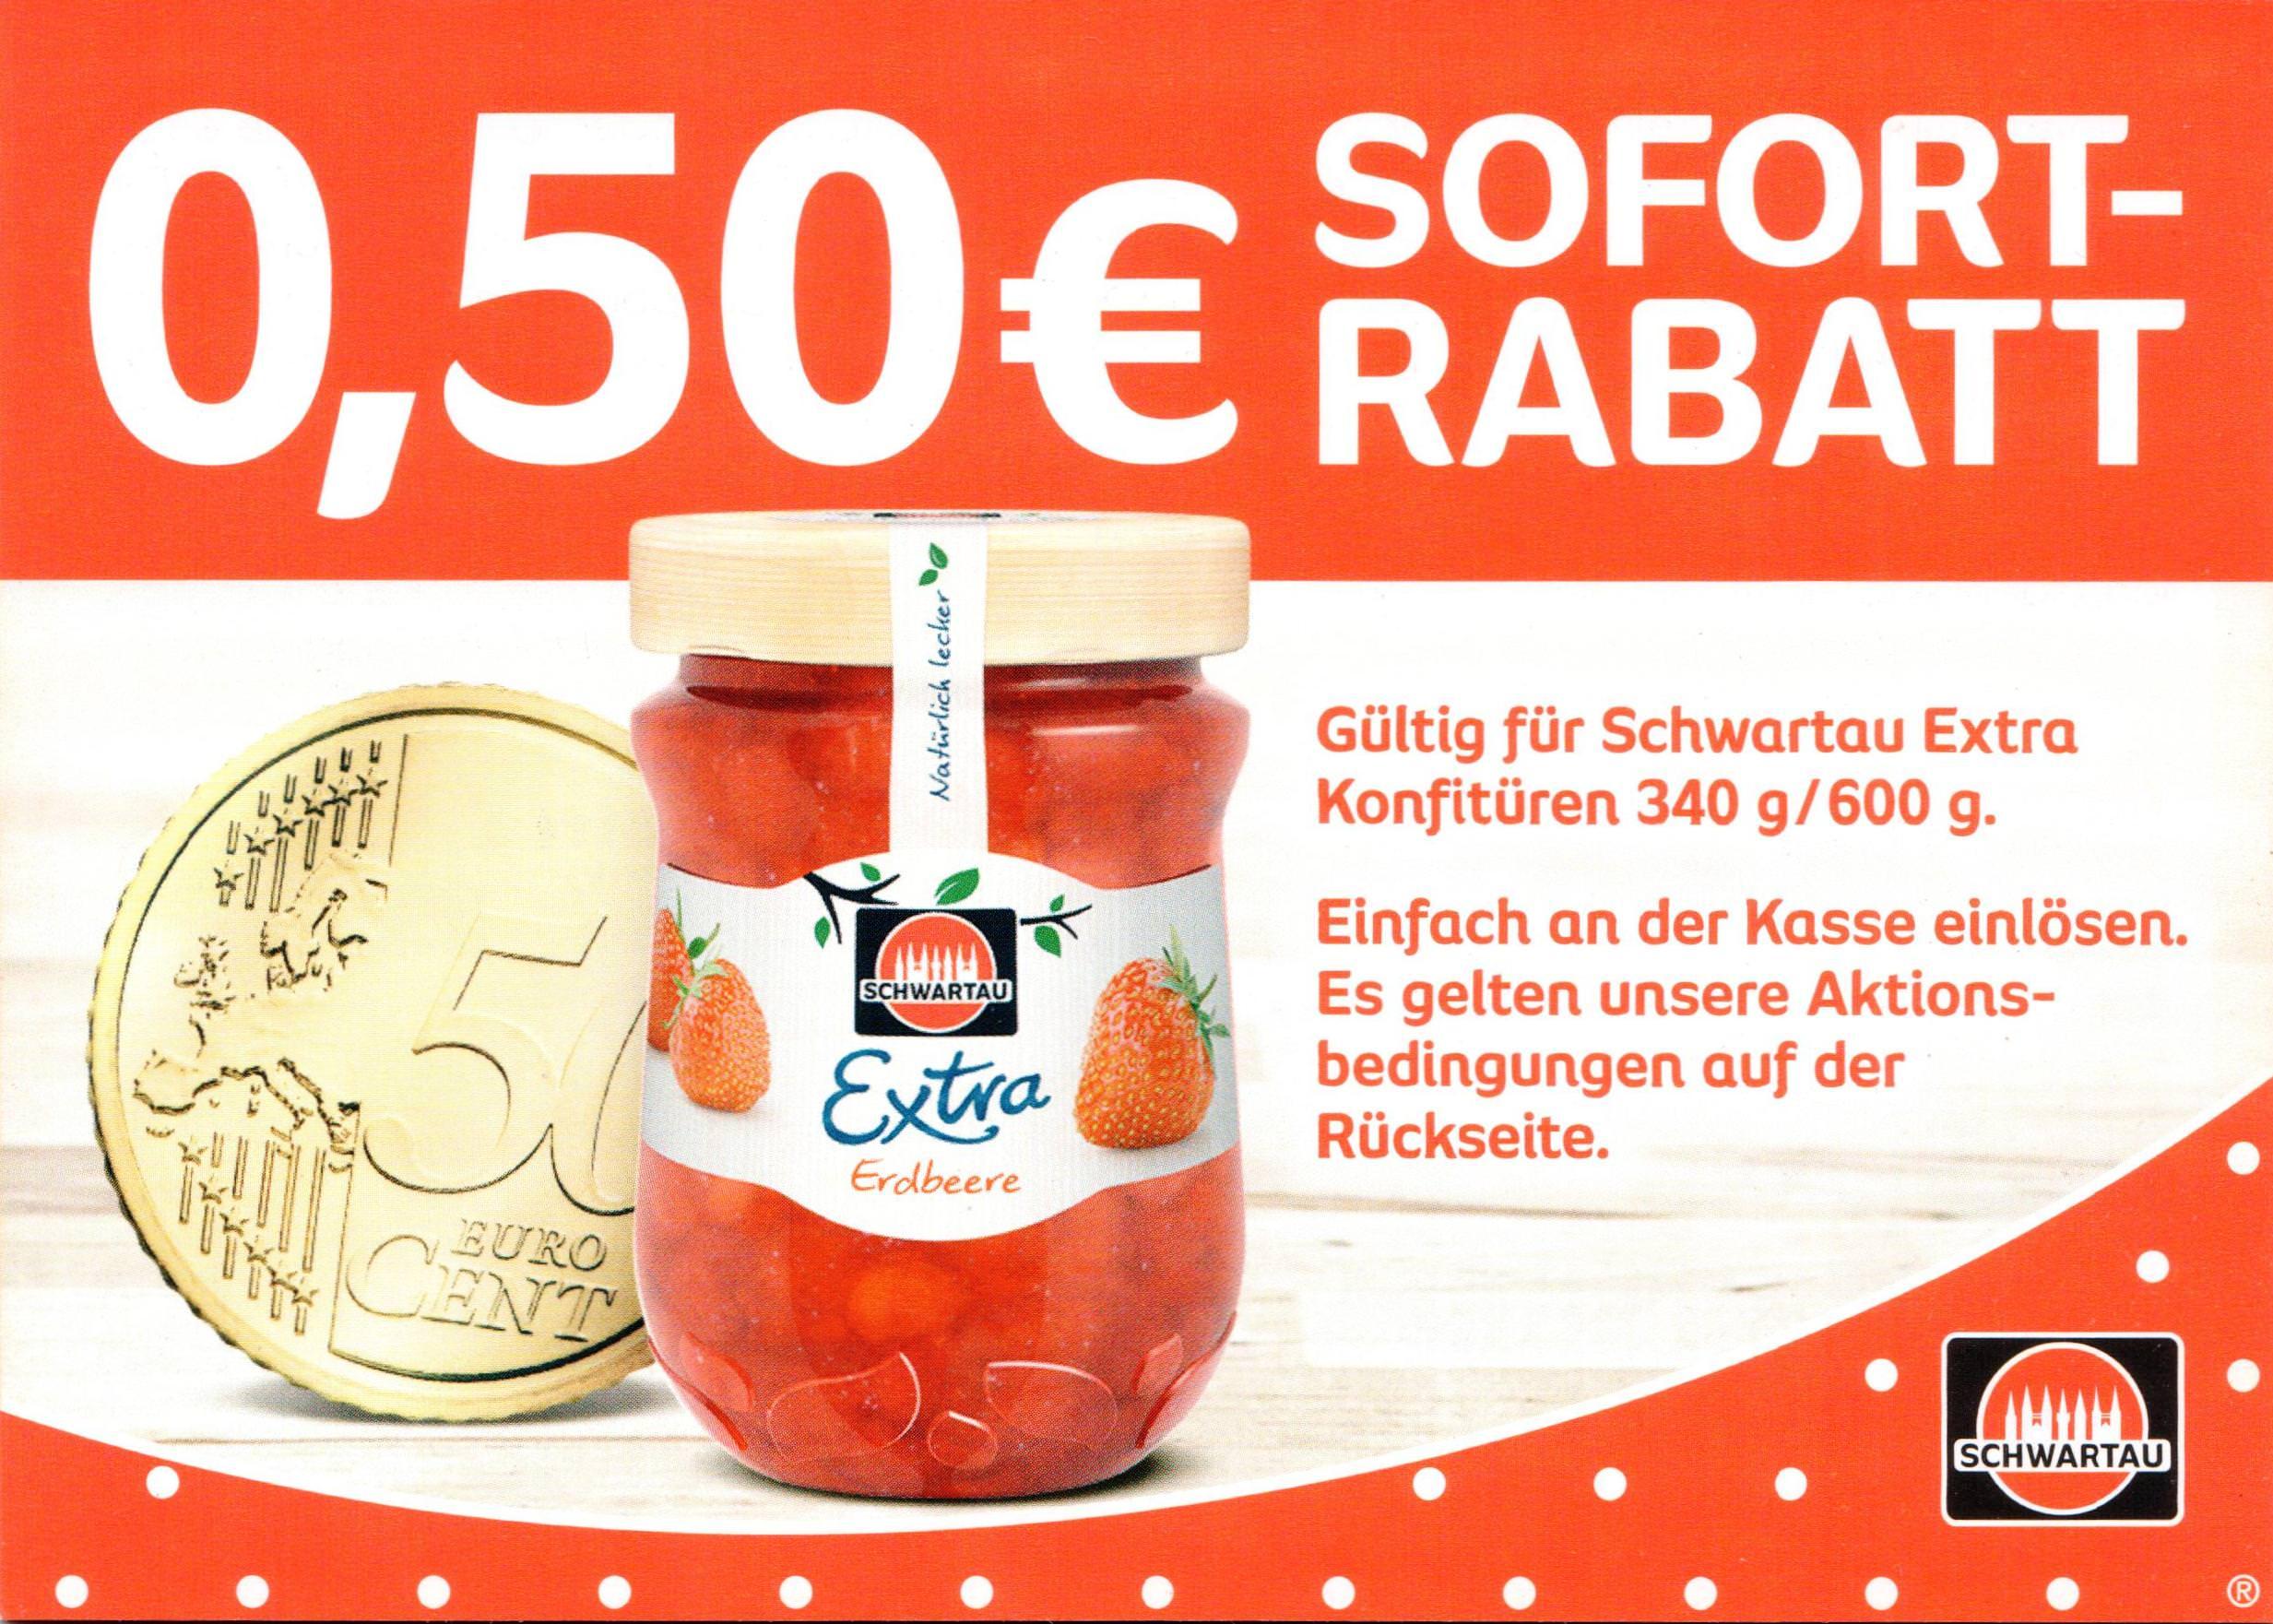 Neuer -0,50€ Coupon für Schwartau Extra 340g/600g bis 01.06.2018